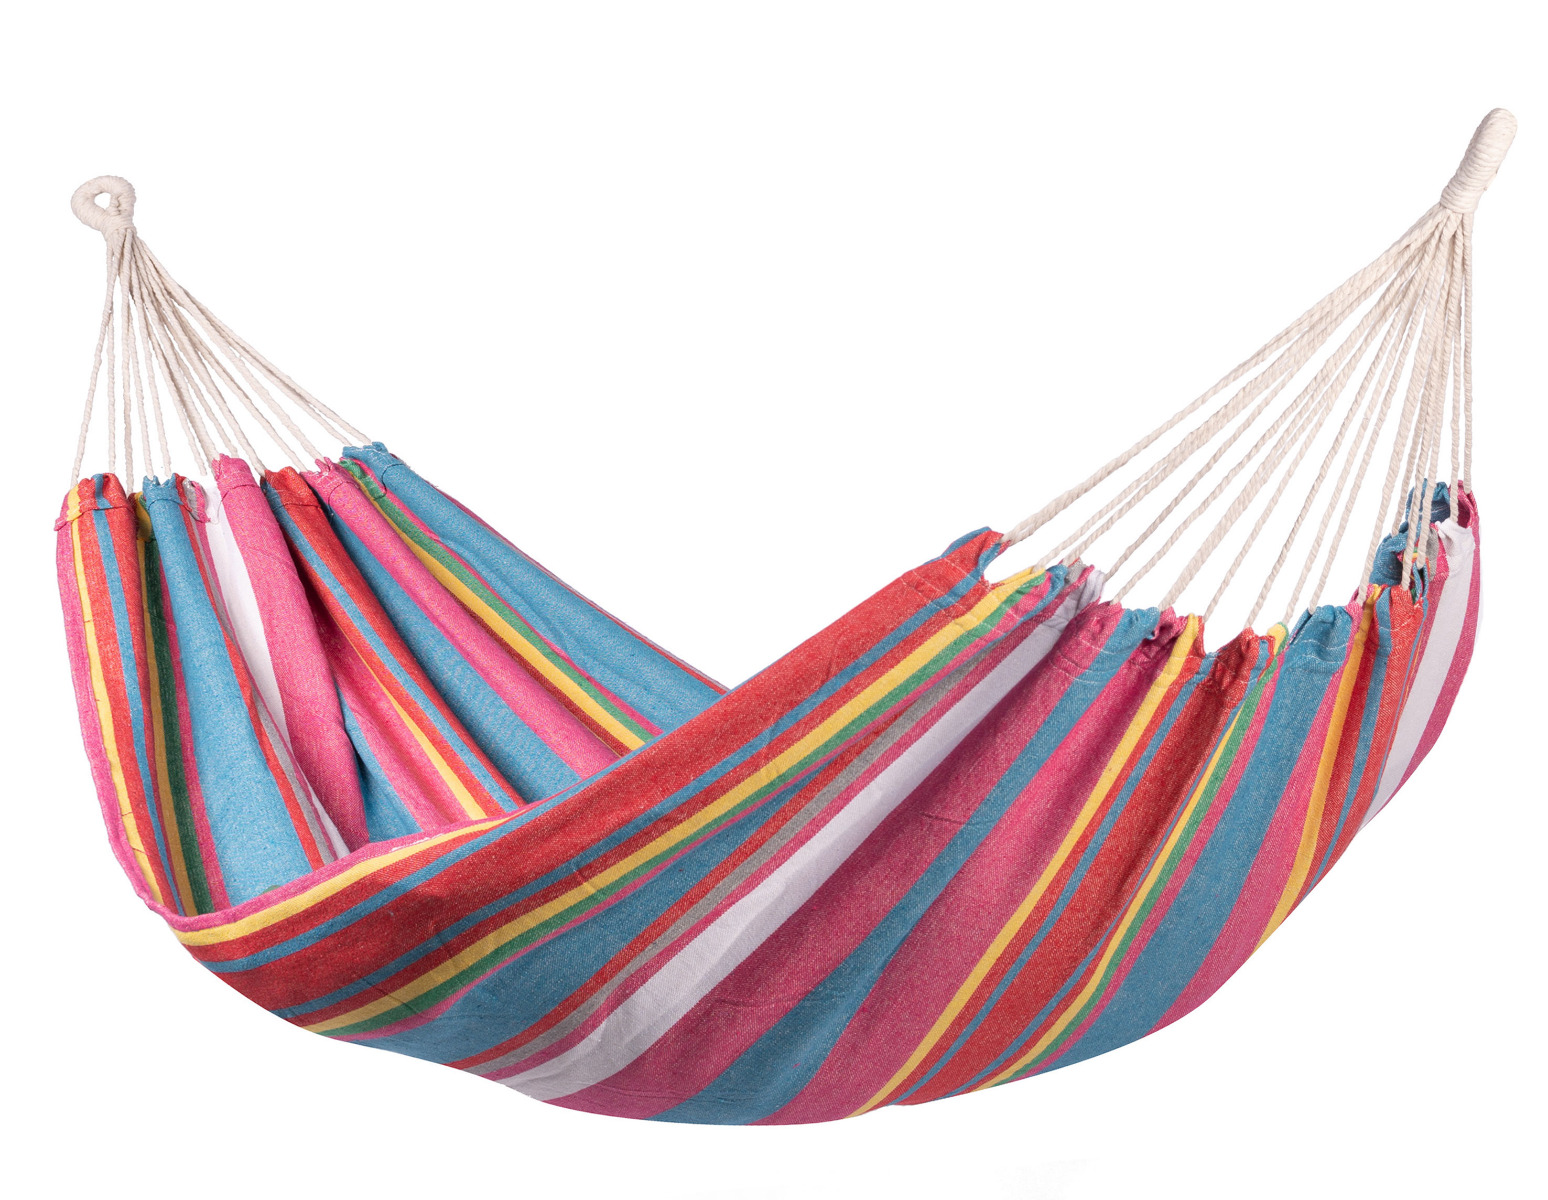 'Salvora' Double Tweepersoons Hangmat - Veelkleurig - 123 Hammock